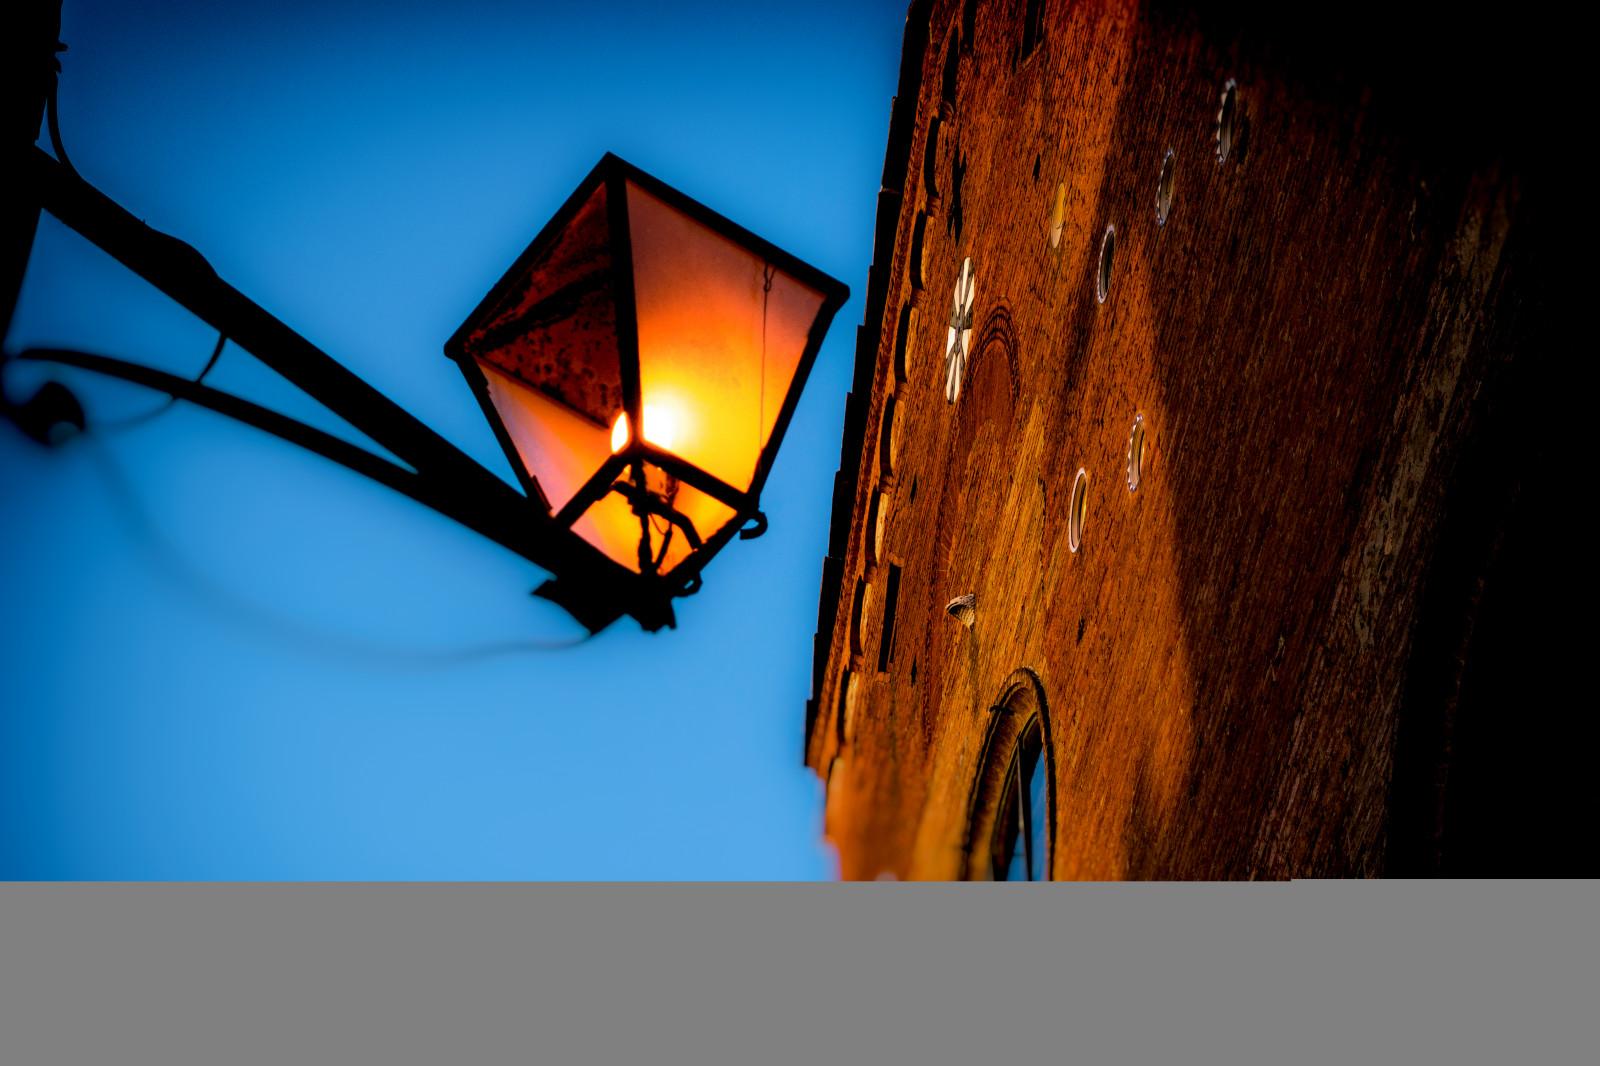 Sfondi : luce del sole strada luce finestra notte rosso